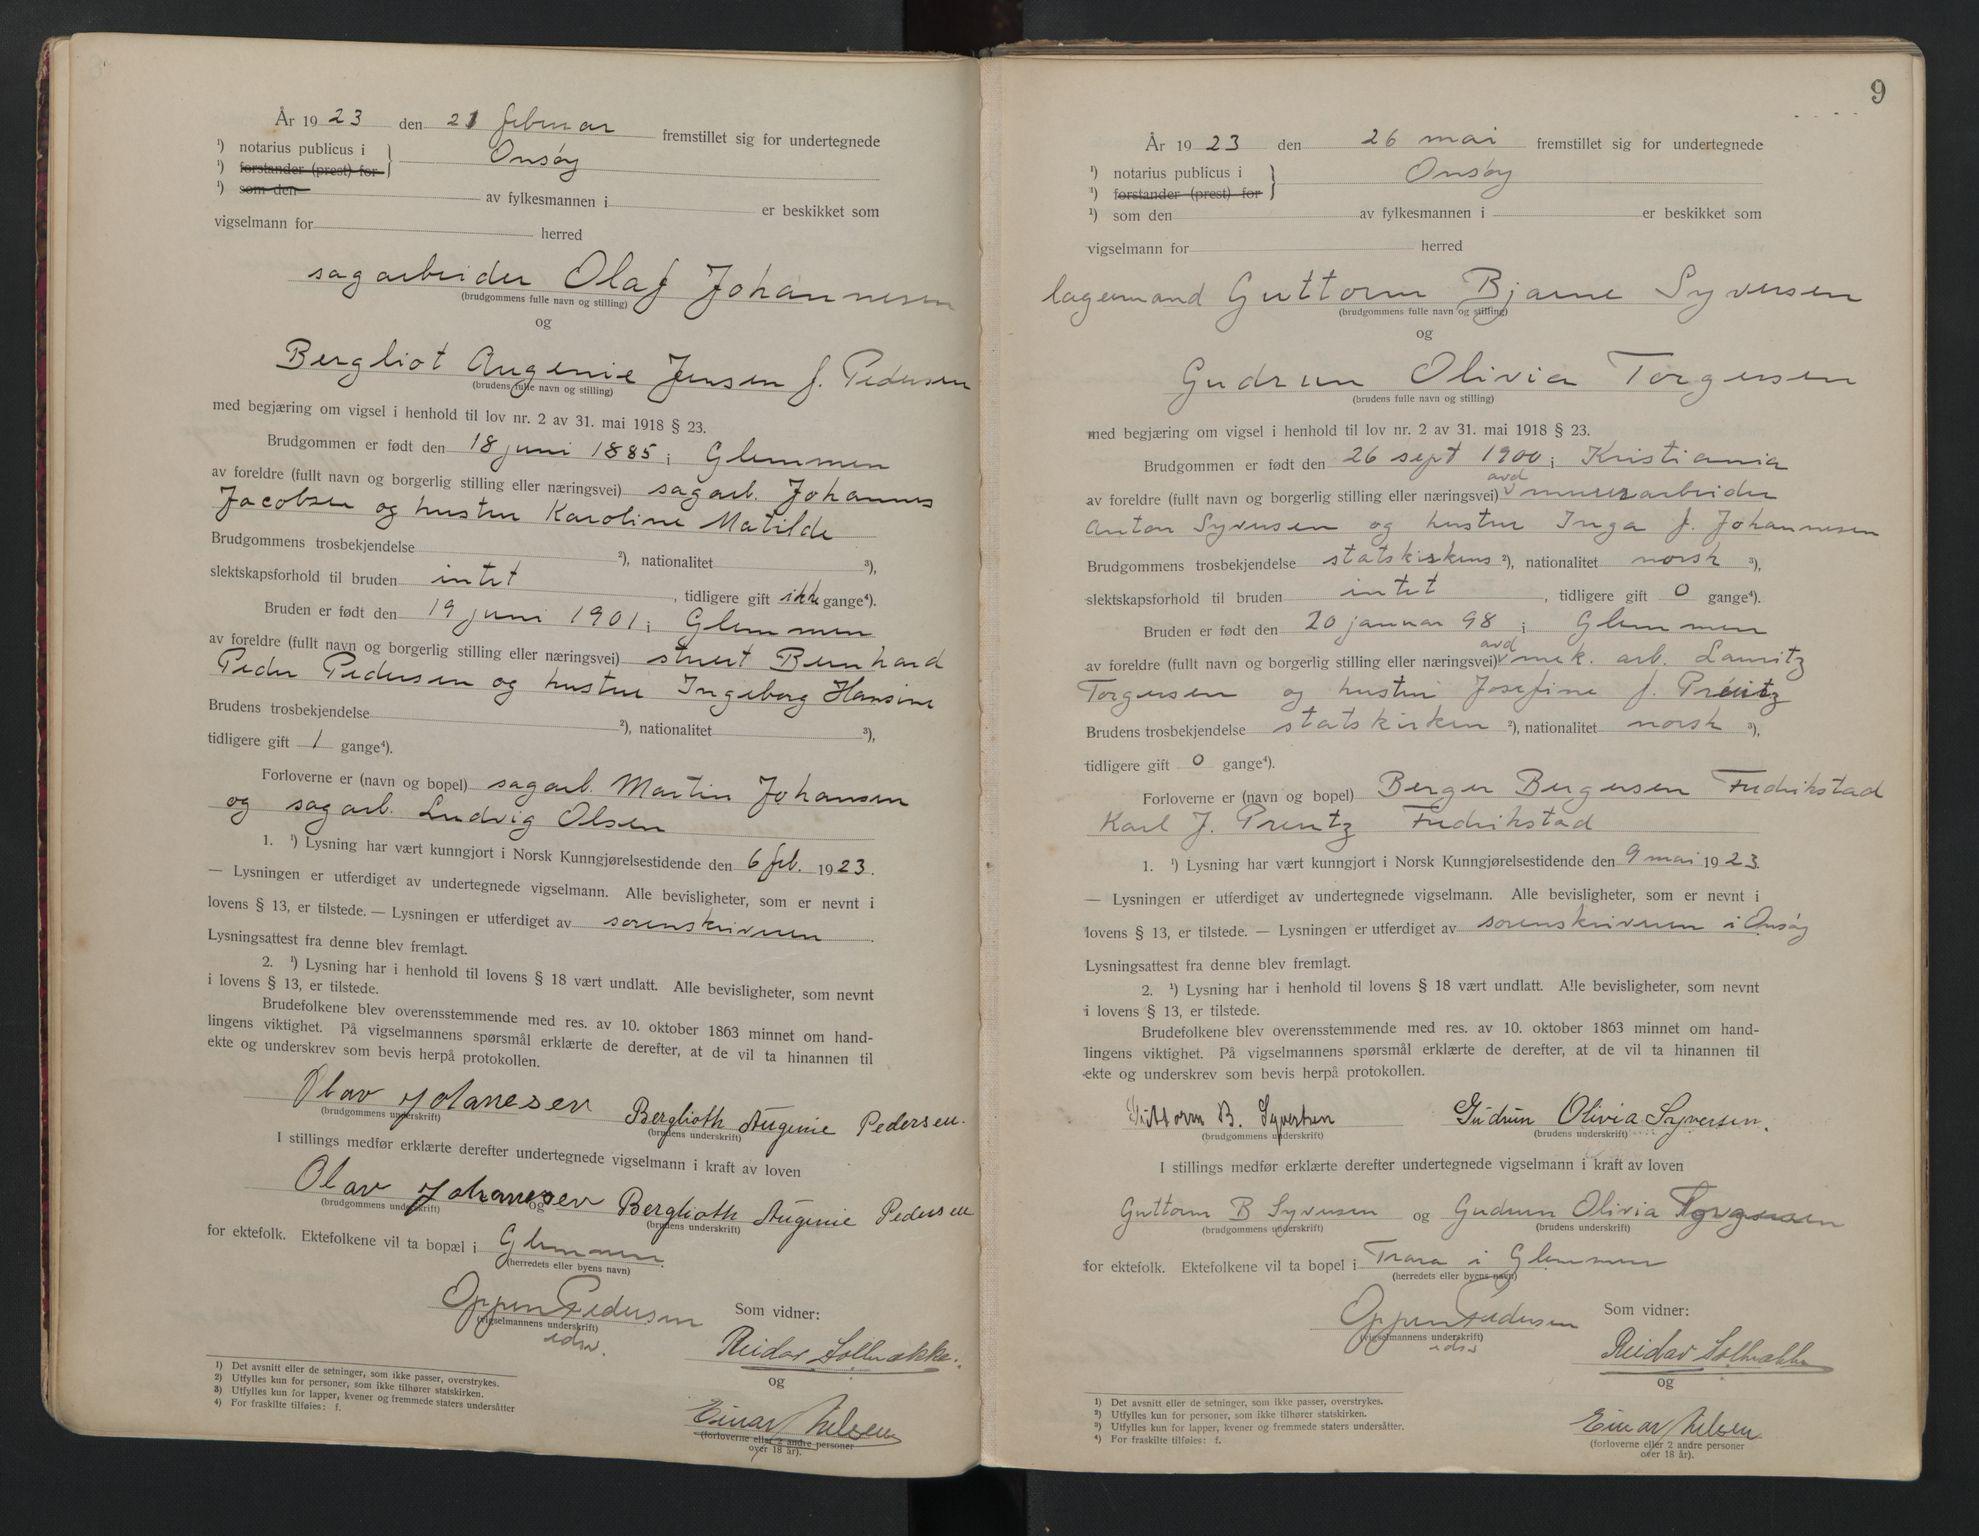 SAO, Onsøy sorenskriveri, L/La/L0001: Vigselsbok, 1920-1942, s. 9